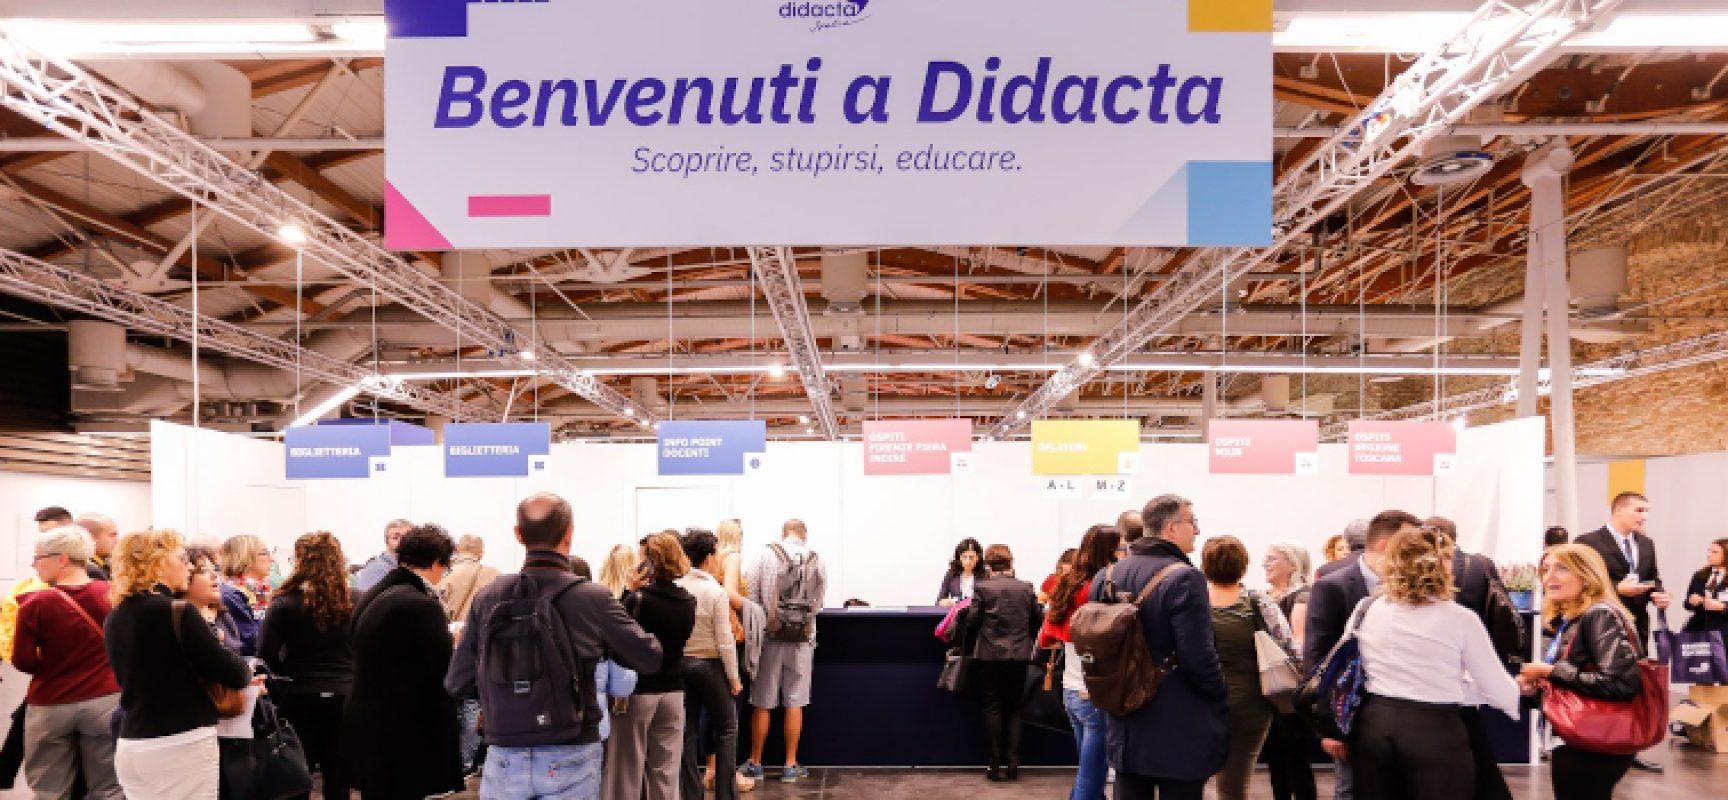 """Istruzione, l'Istituto """"Sergio Cosmai"""" di Bisceglie partecipa alla Fiera Didacta Italia"""